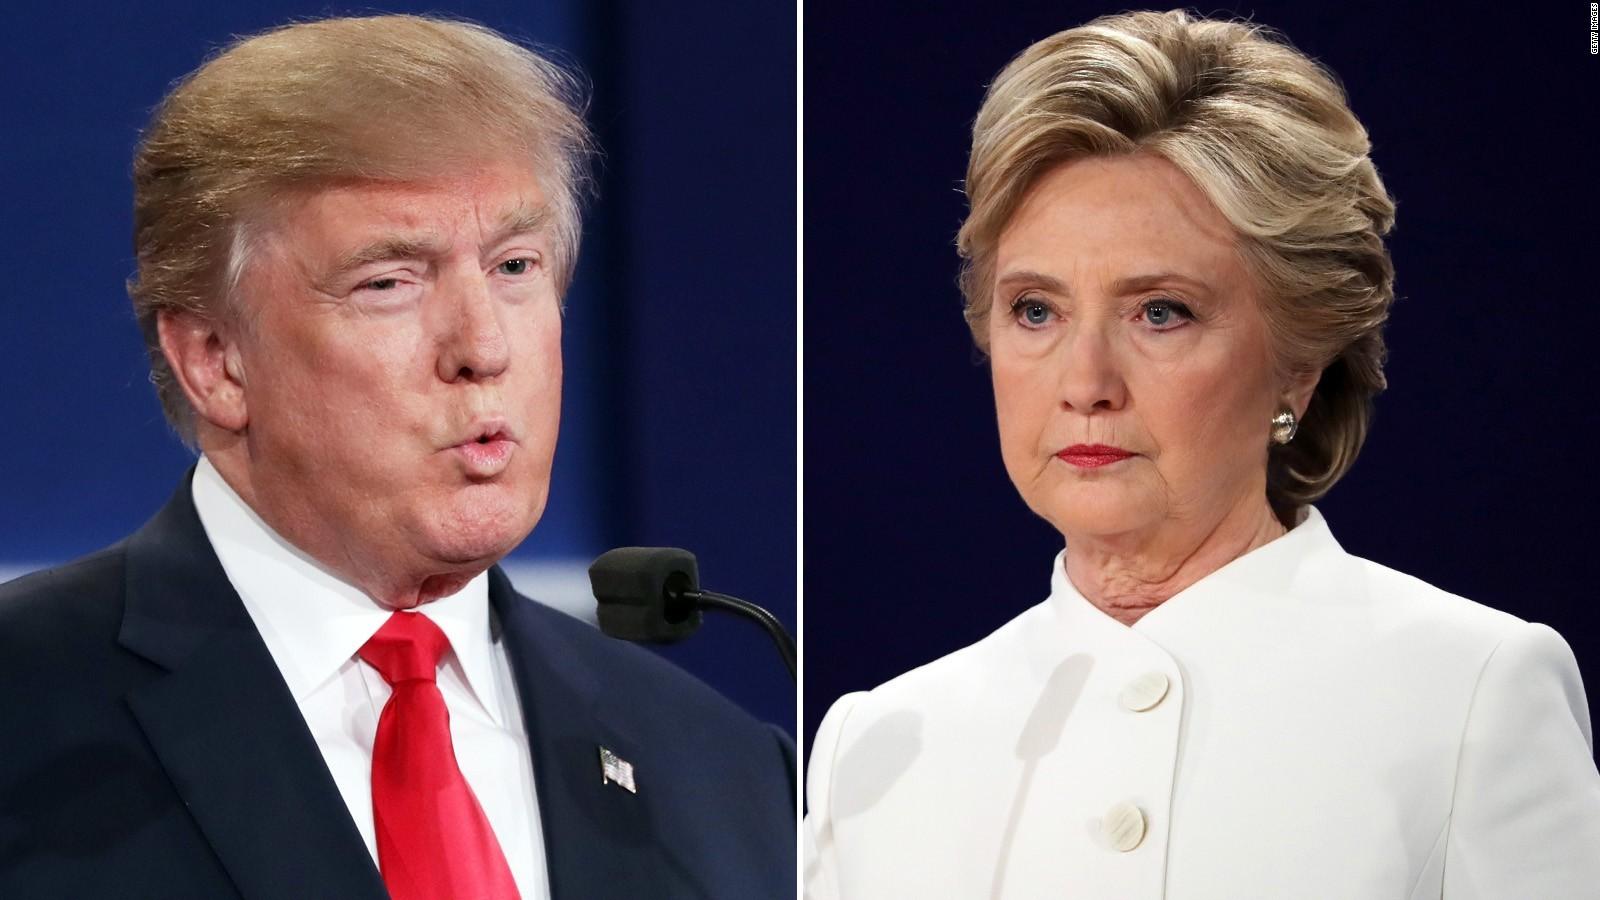 Hillary Clinton: Trump një kërcënim për SHBA, tornado njerëzor i korruptuar